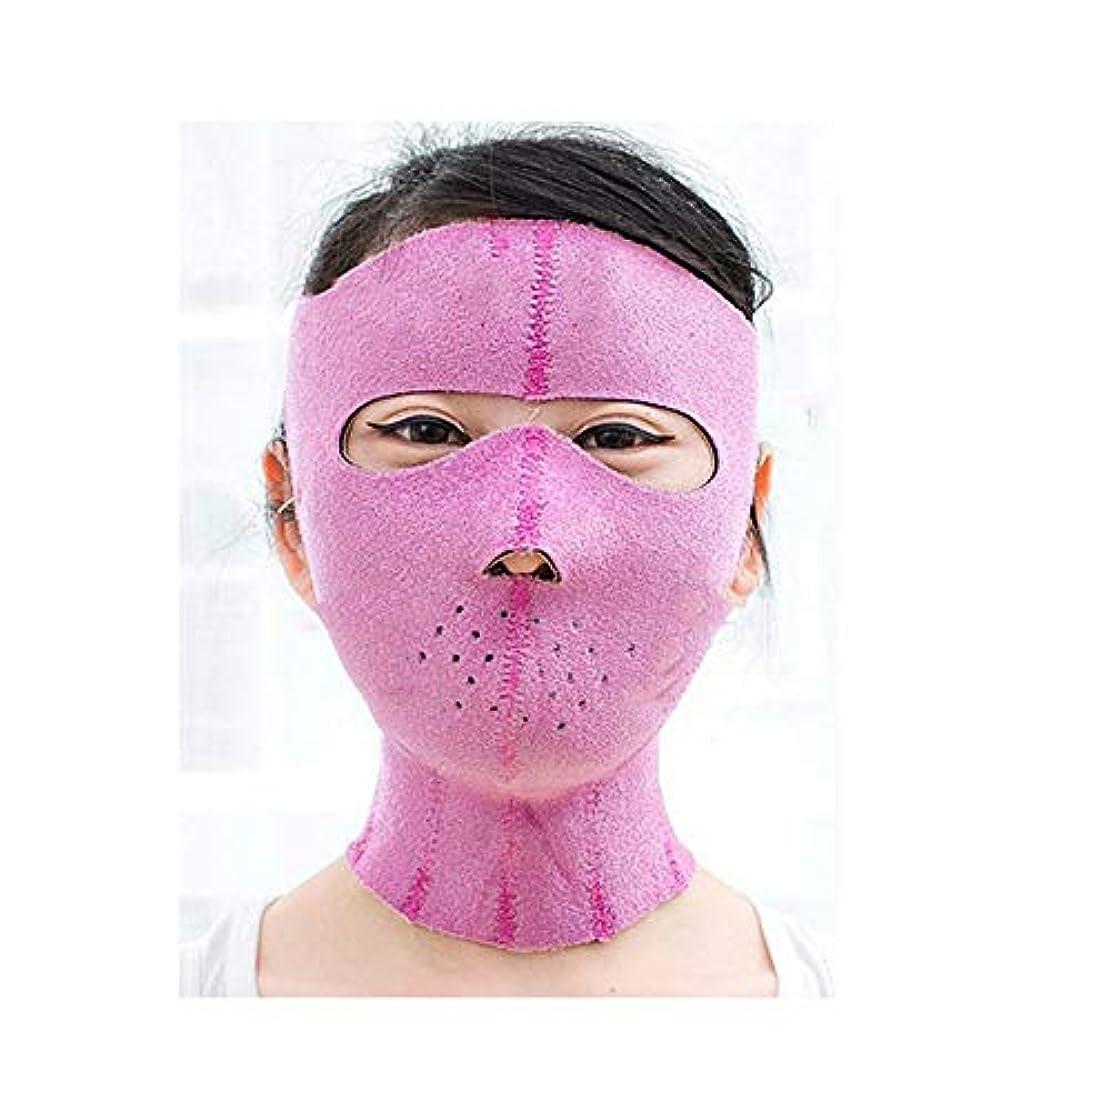 貞輝くピアニストフェイスリフティングサウナマスク、ウィッキングフェイス包帯/スモールフェイスアーチファクト/フェイスマスク(ピンク)